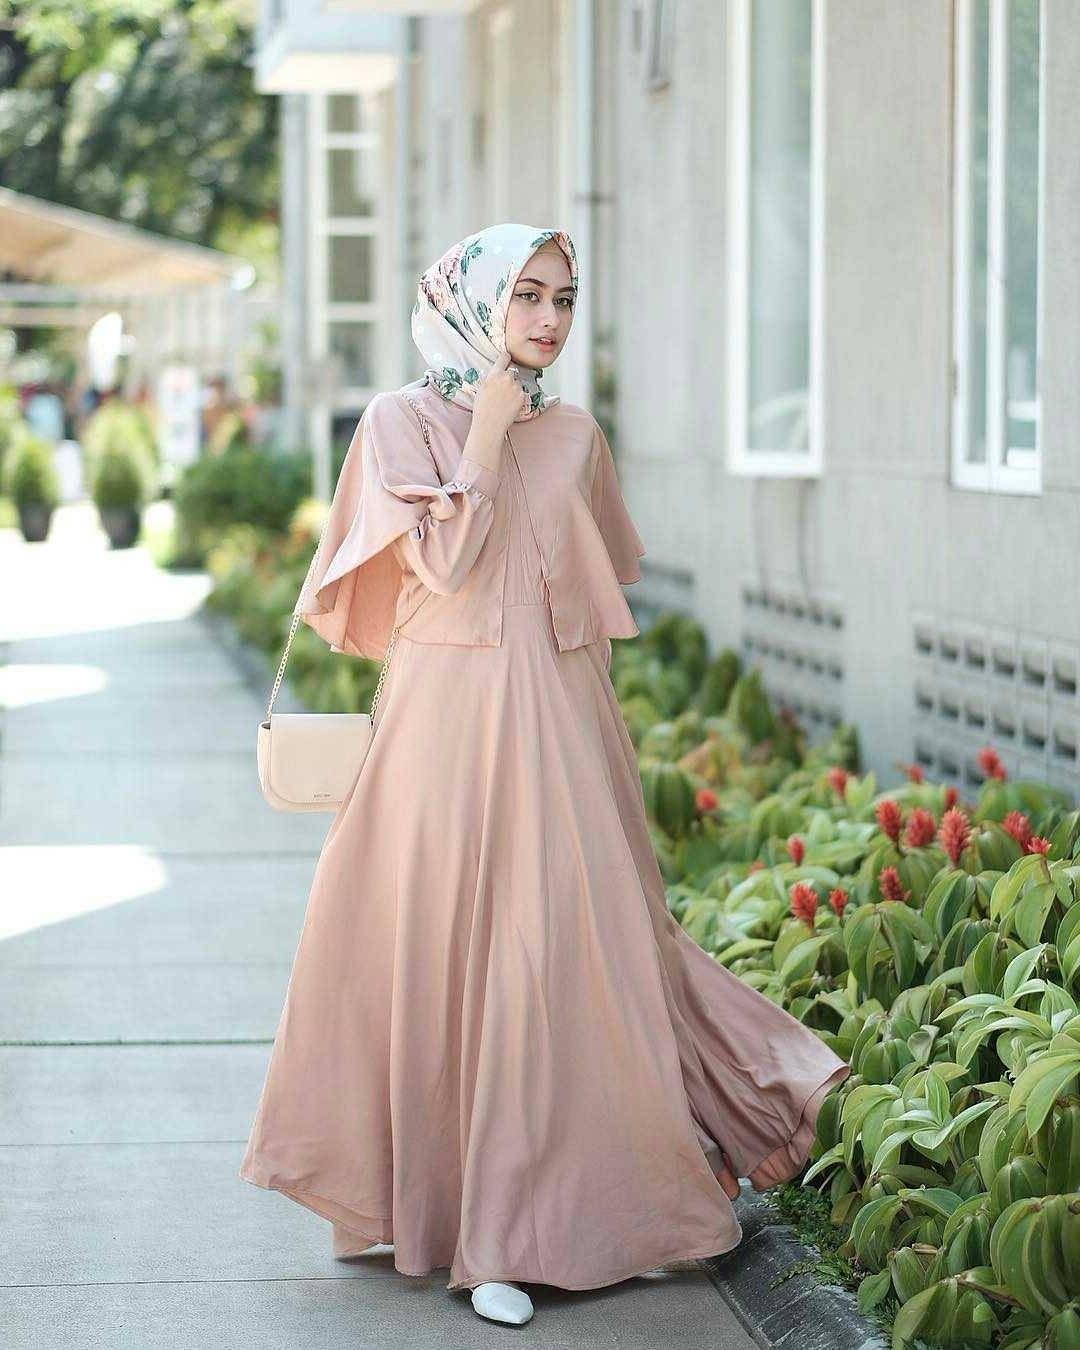 Bentuk Baju Lebaran Xtd6 Model Baju Gamis Terbaru Lebaran Gambar islami